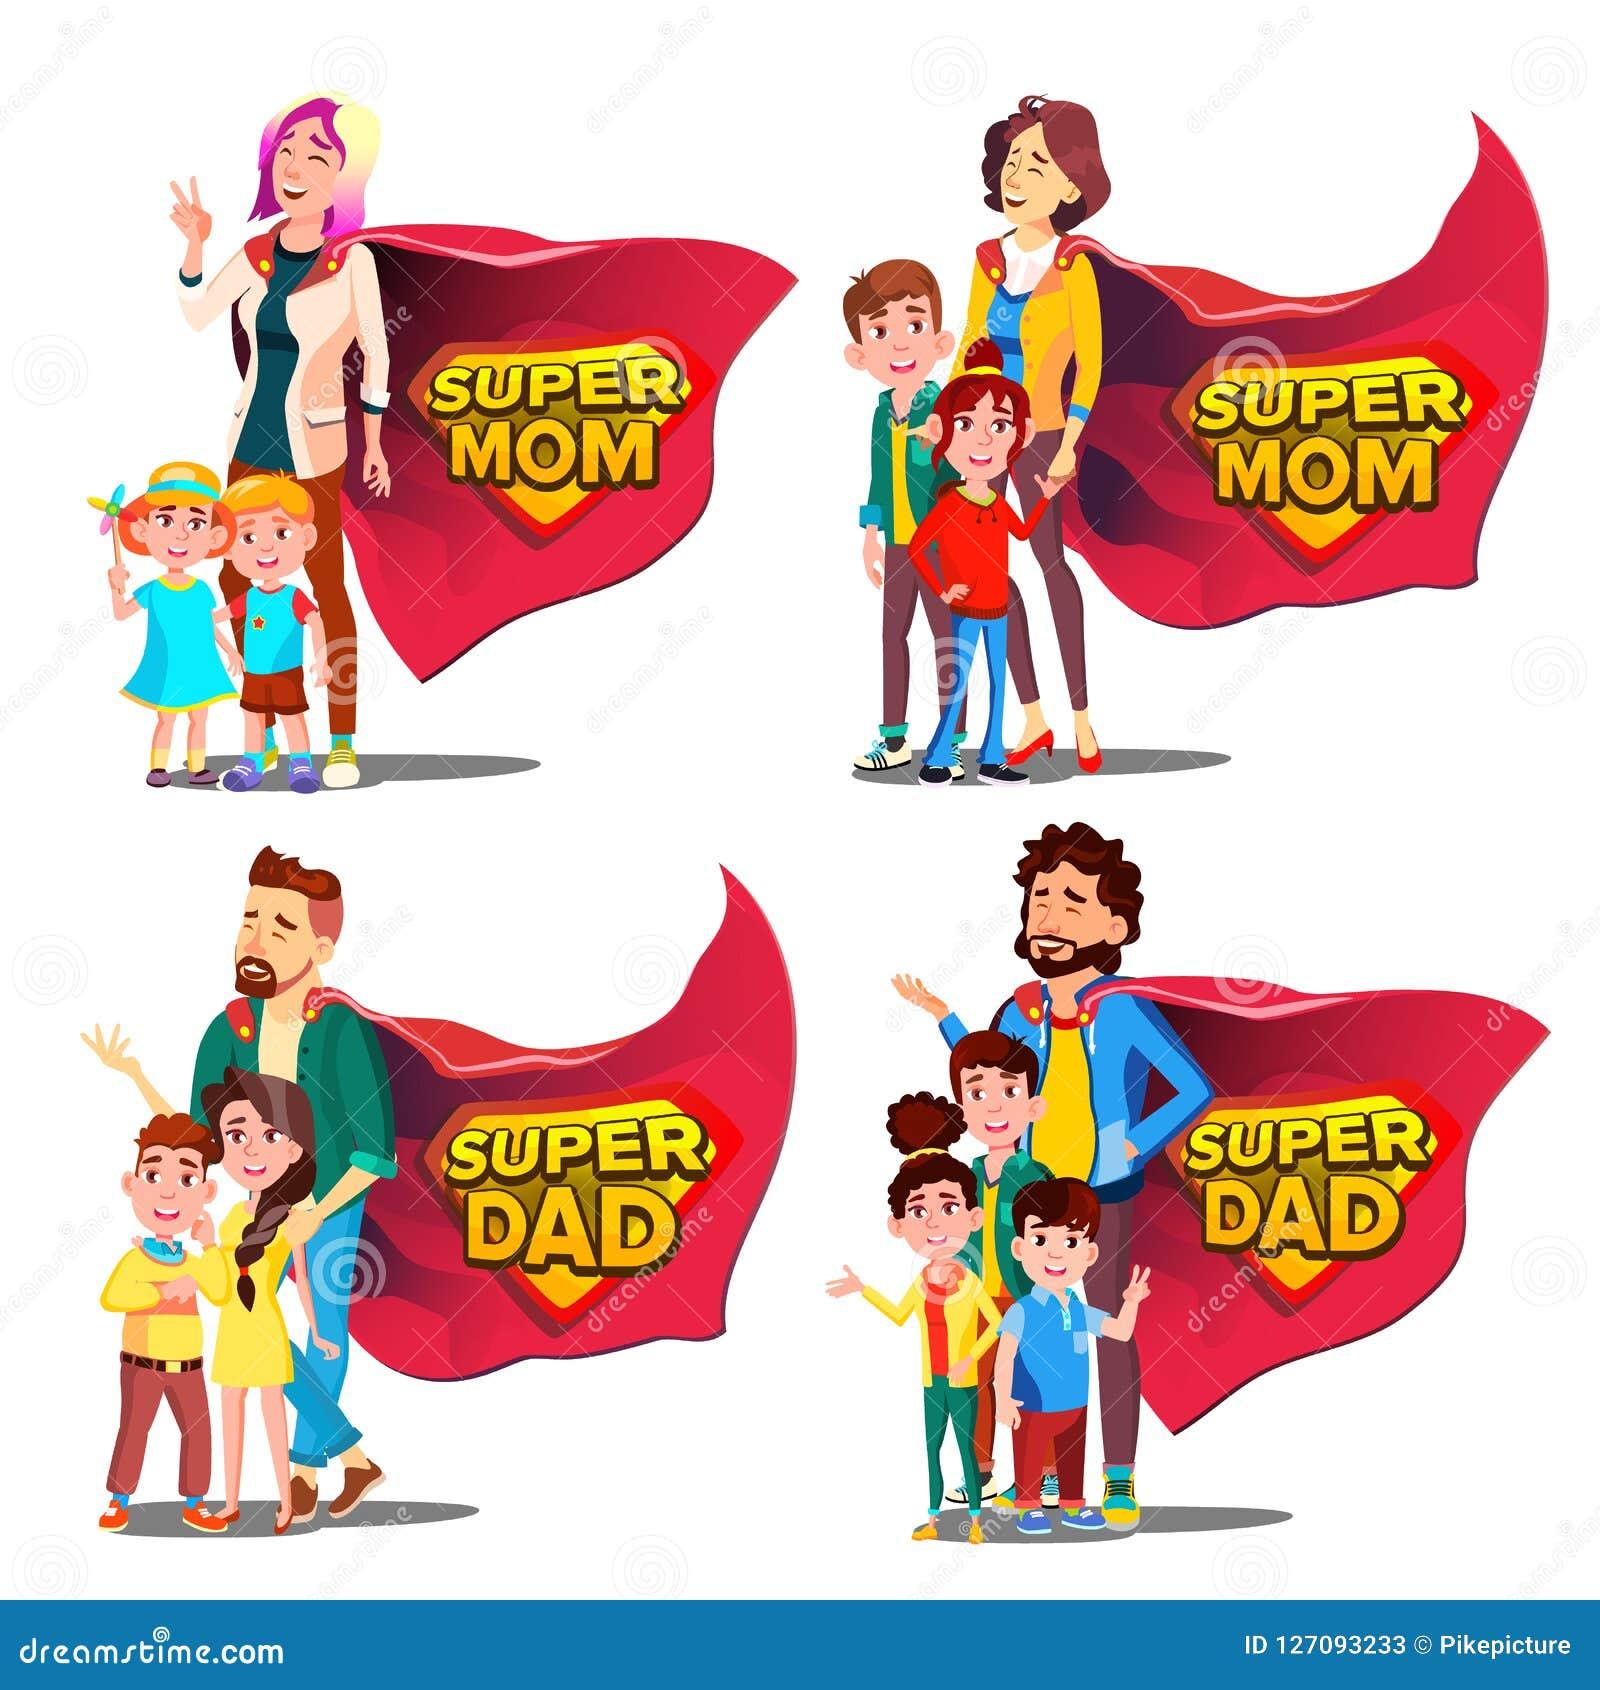 Supervati, Mutter-Vektor Mutter und Vater Like Super Hero mit Kindern Schildausweis Lokalisierte flache Karikatur Illudtration